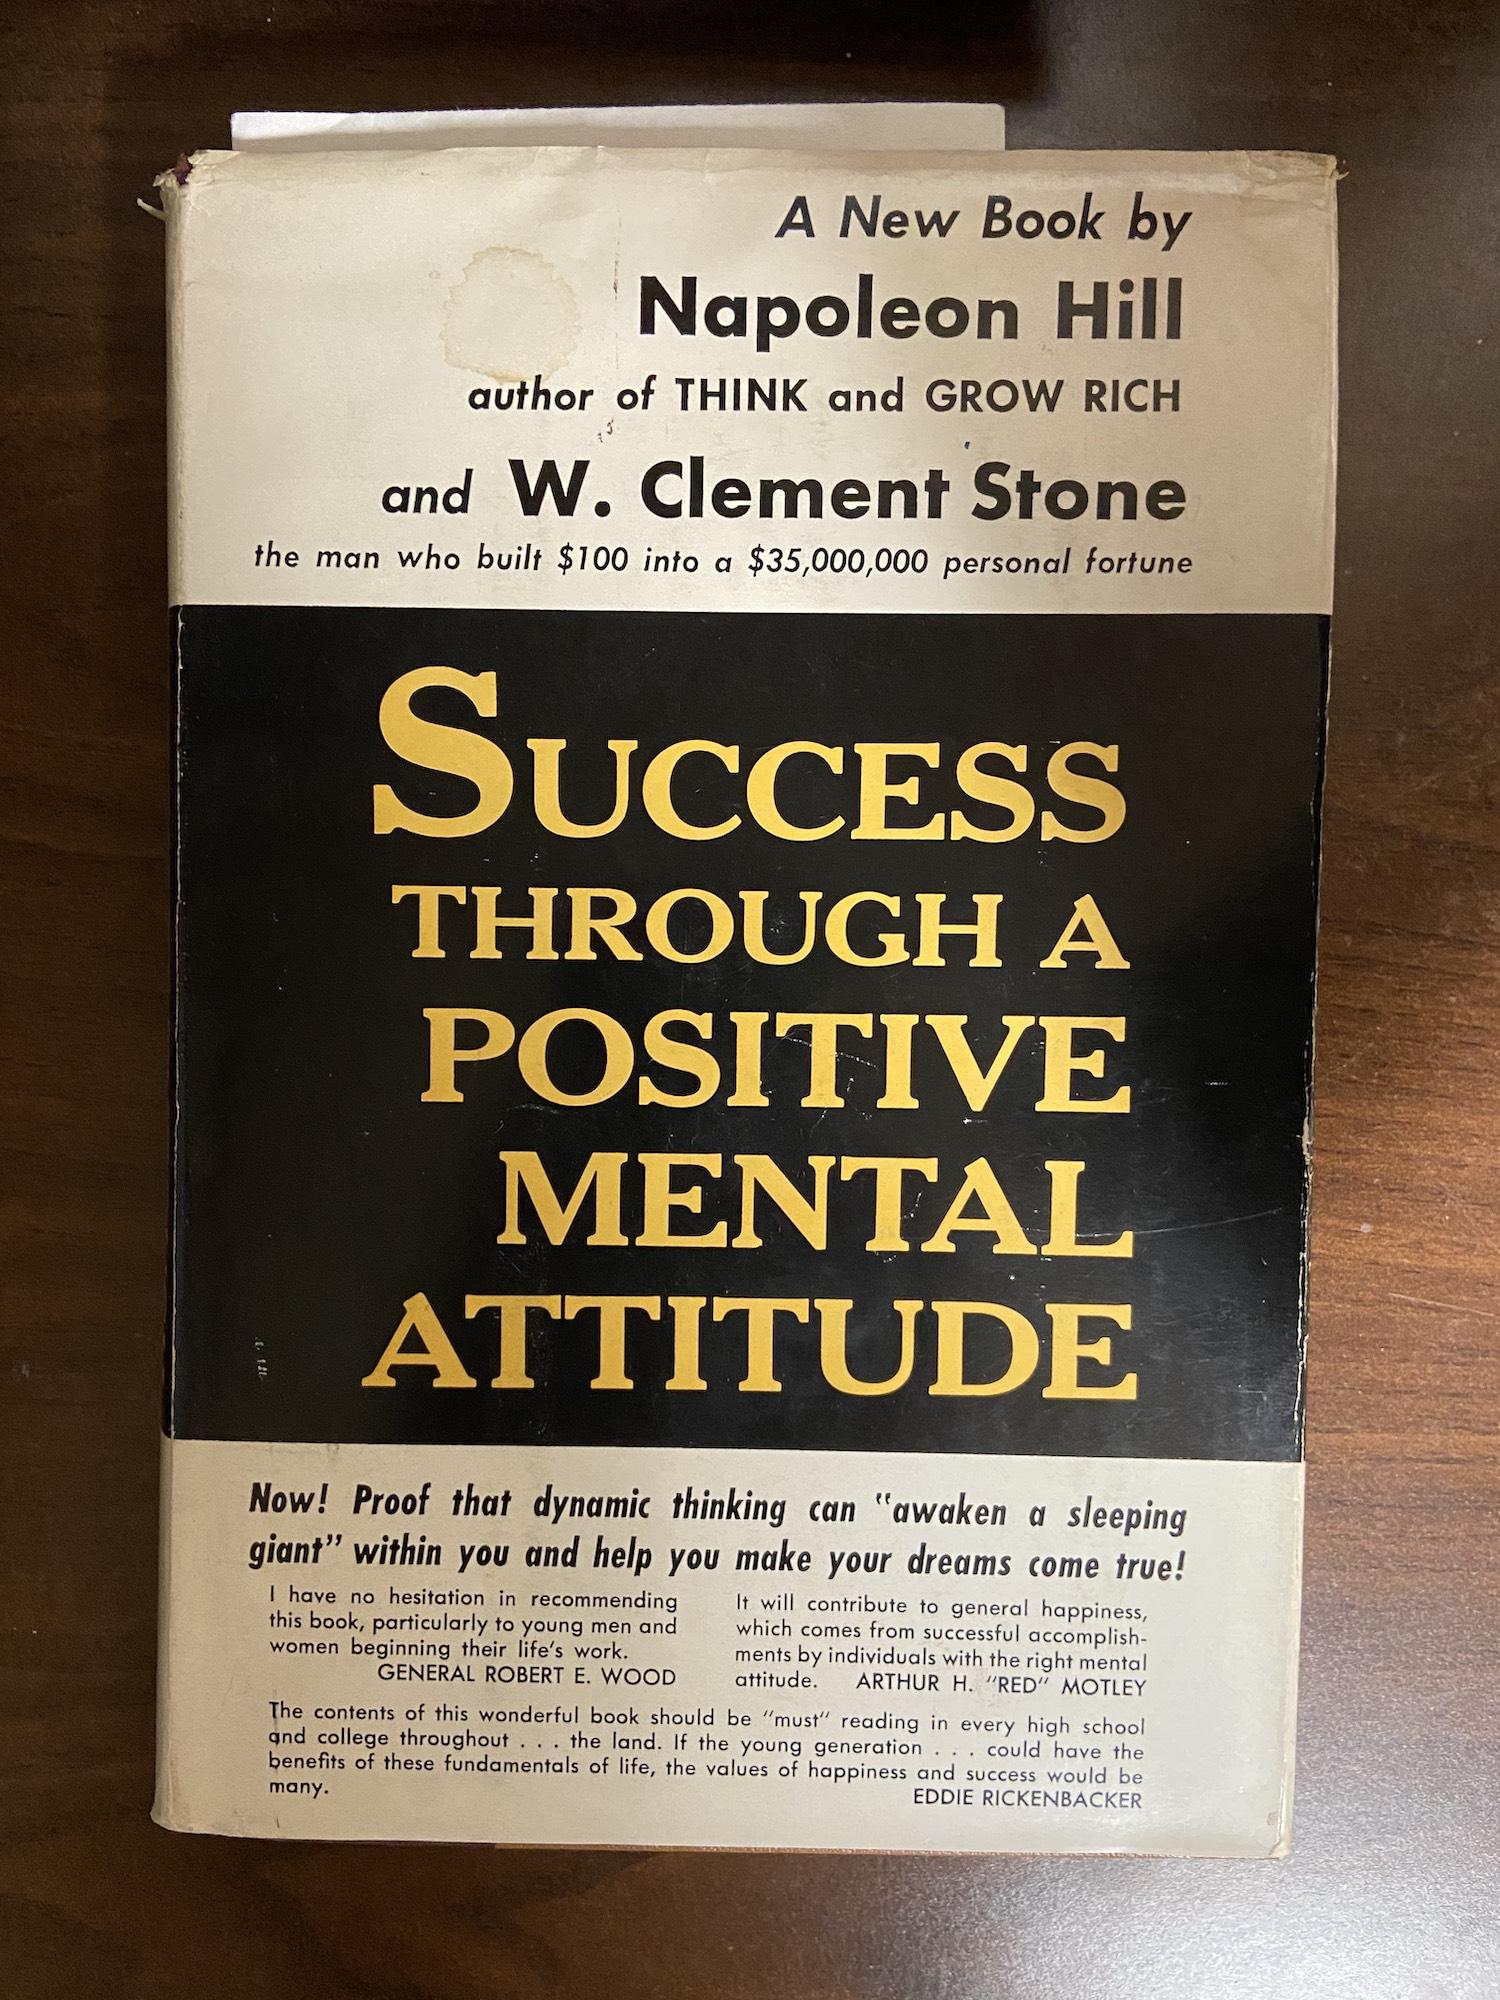 The cover of Success Through a Positive Mental Attitude.